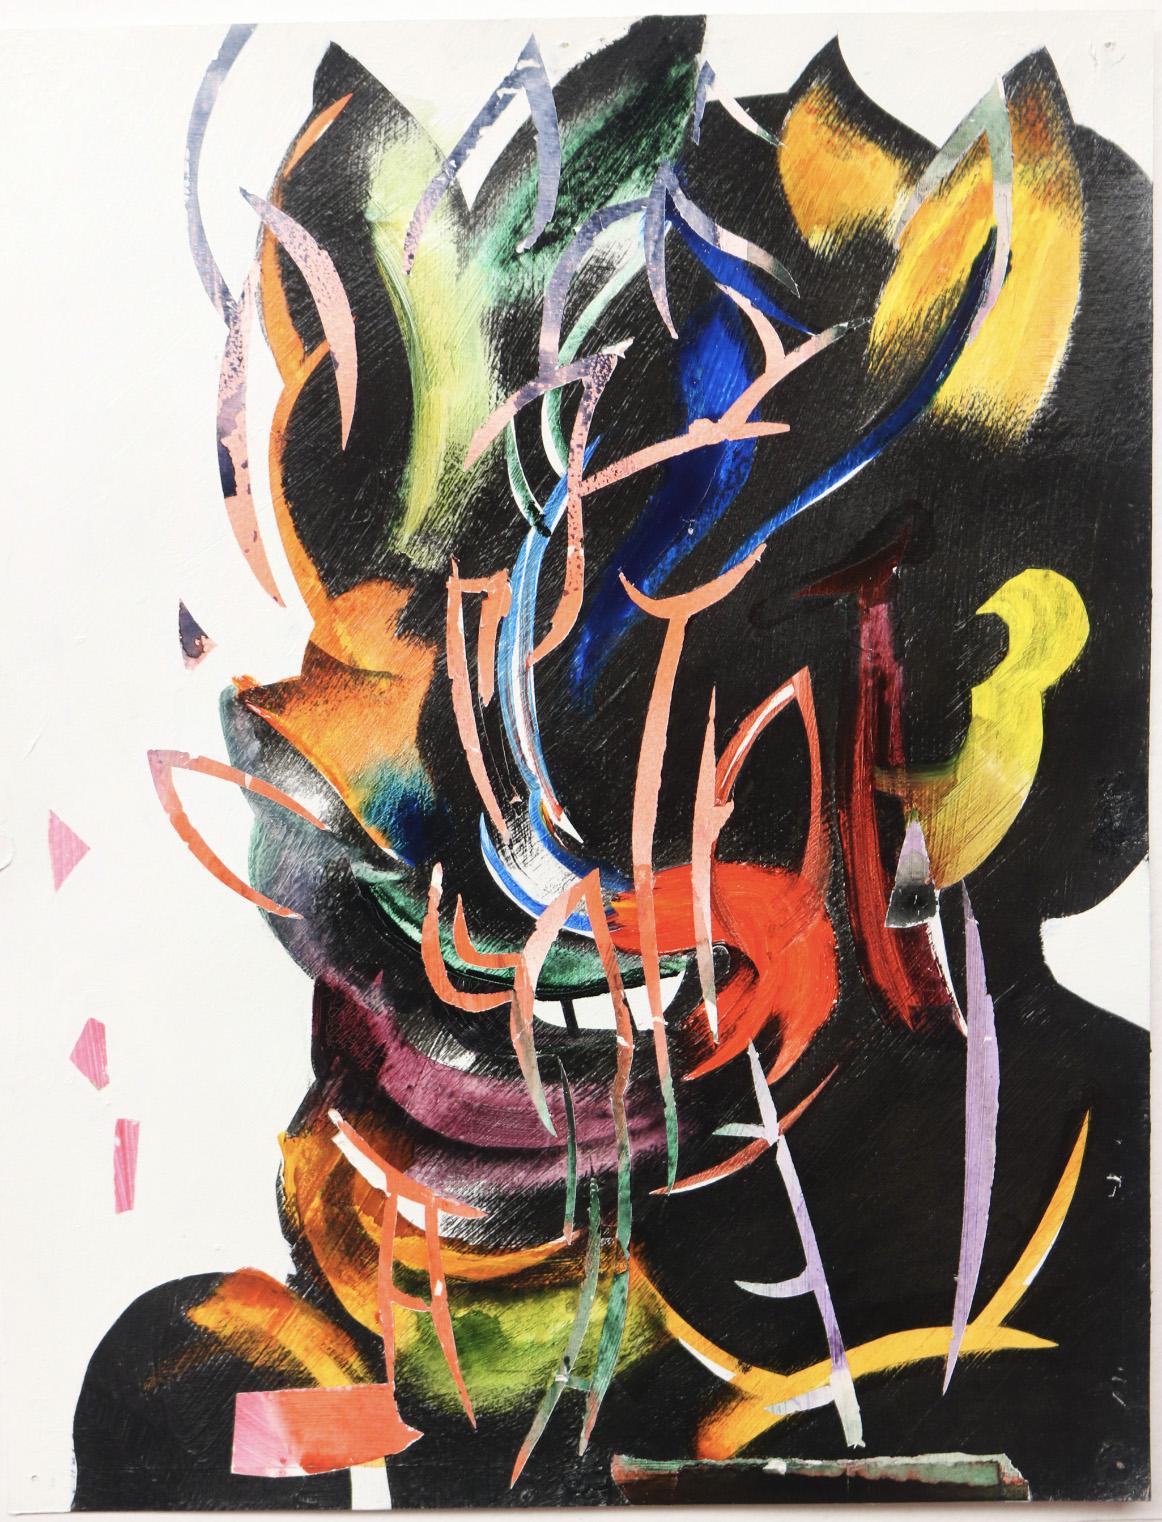 Leasho Johnson - Untitled: (Remembering Greg)